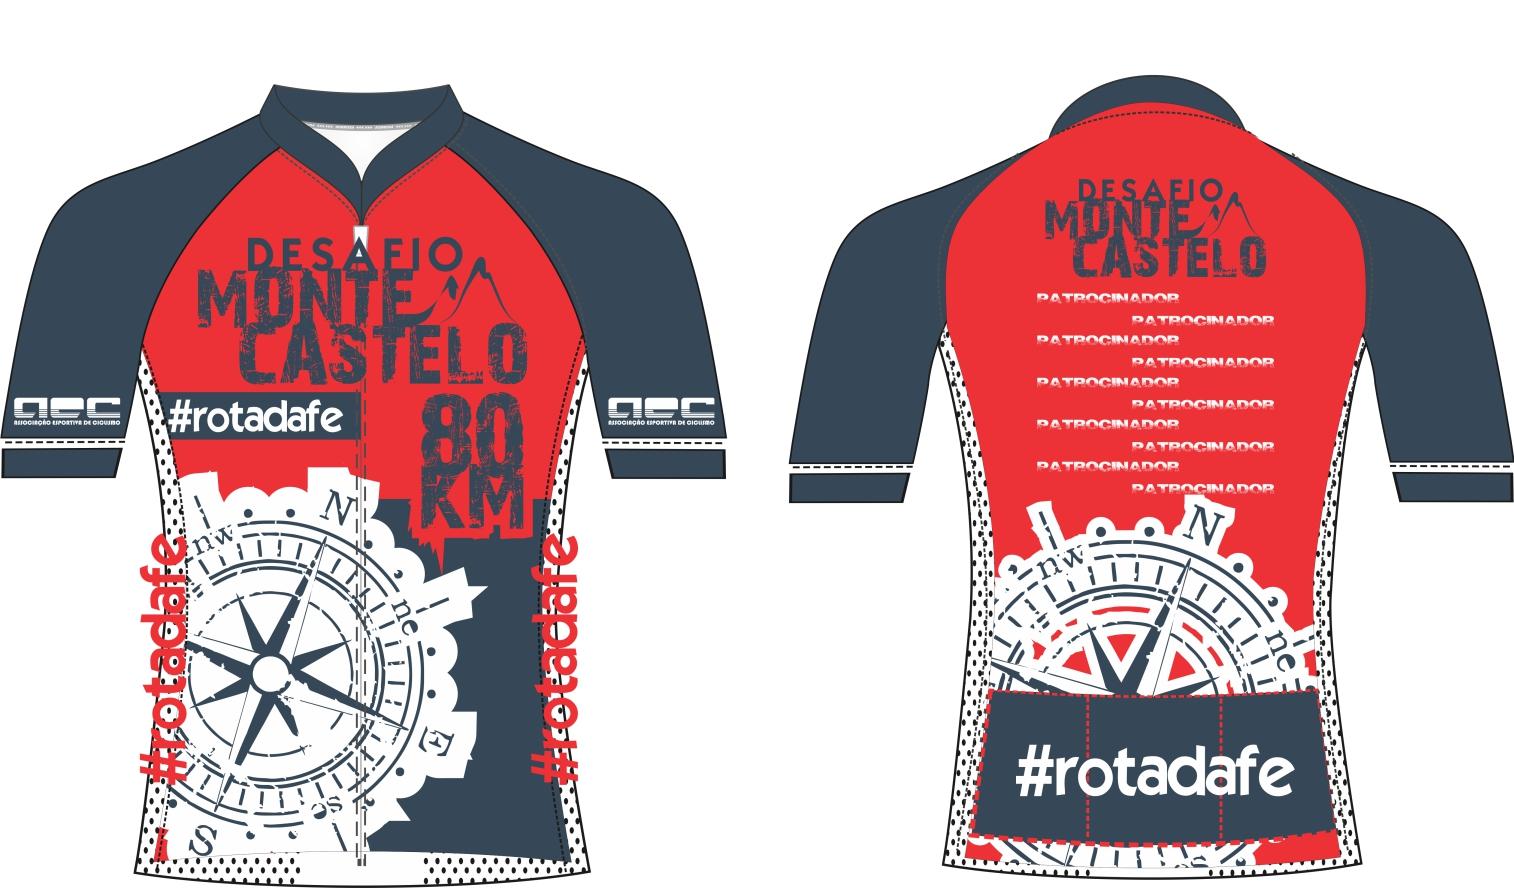 30 de Julho de 2017  Desafio Monte Castelo (Passeio Ciclístico ... c7e32fff27d2f